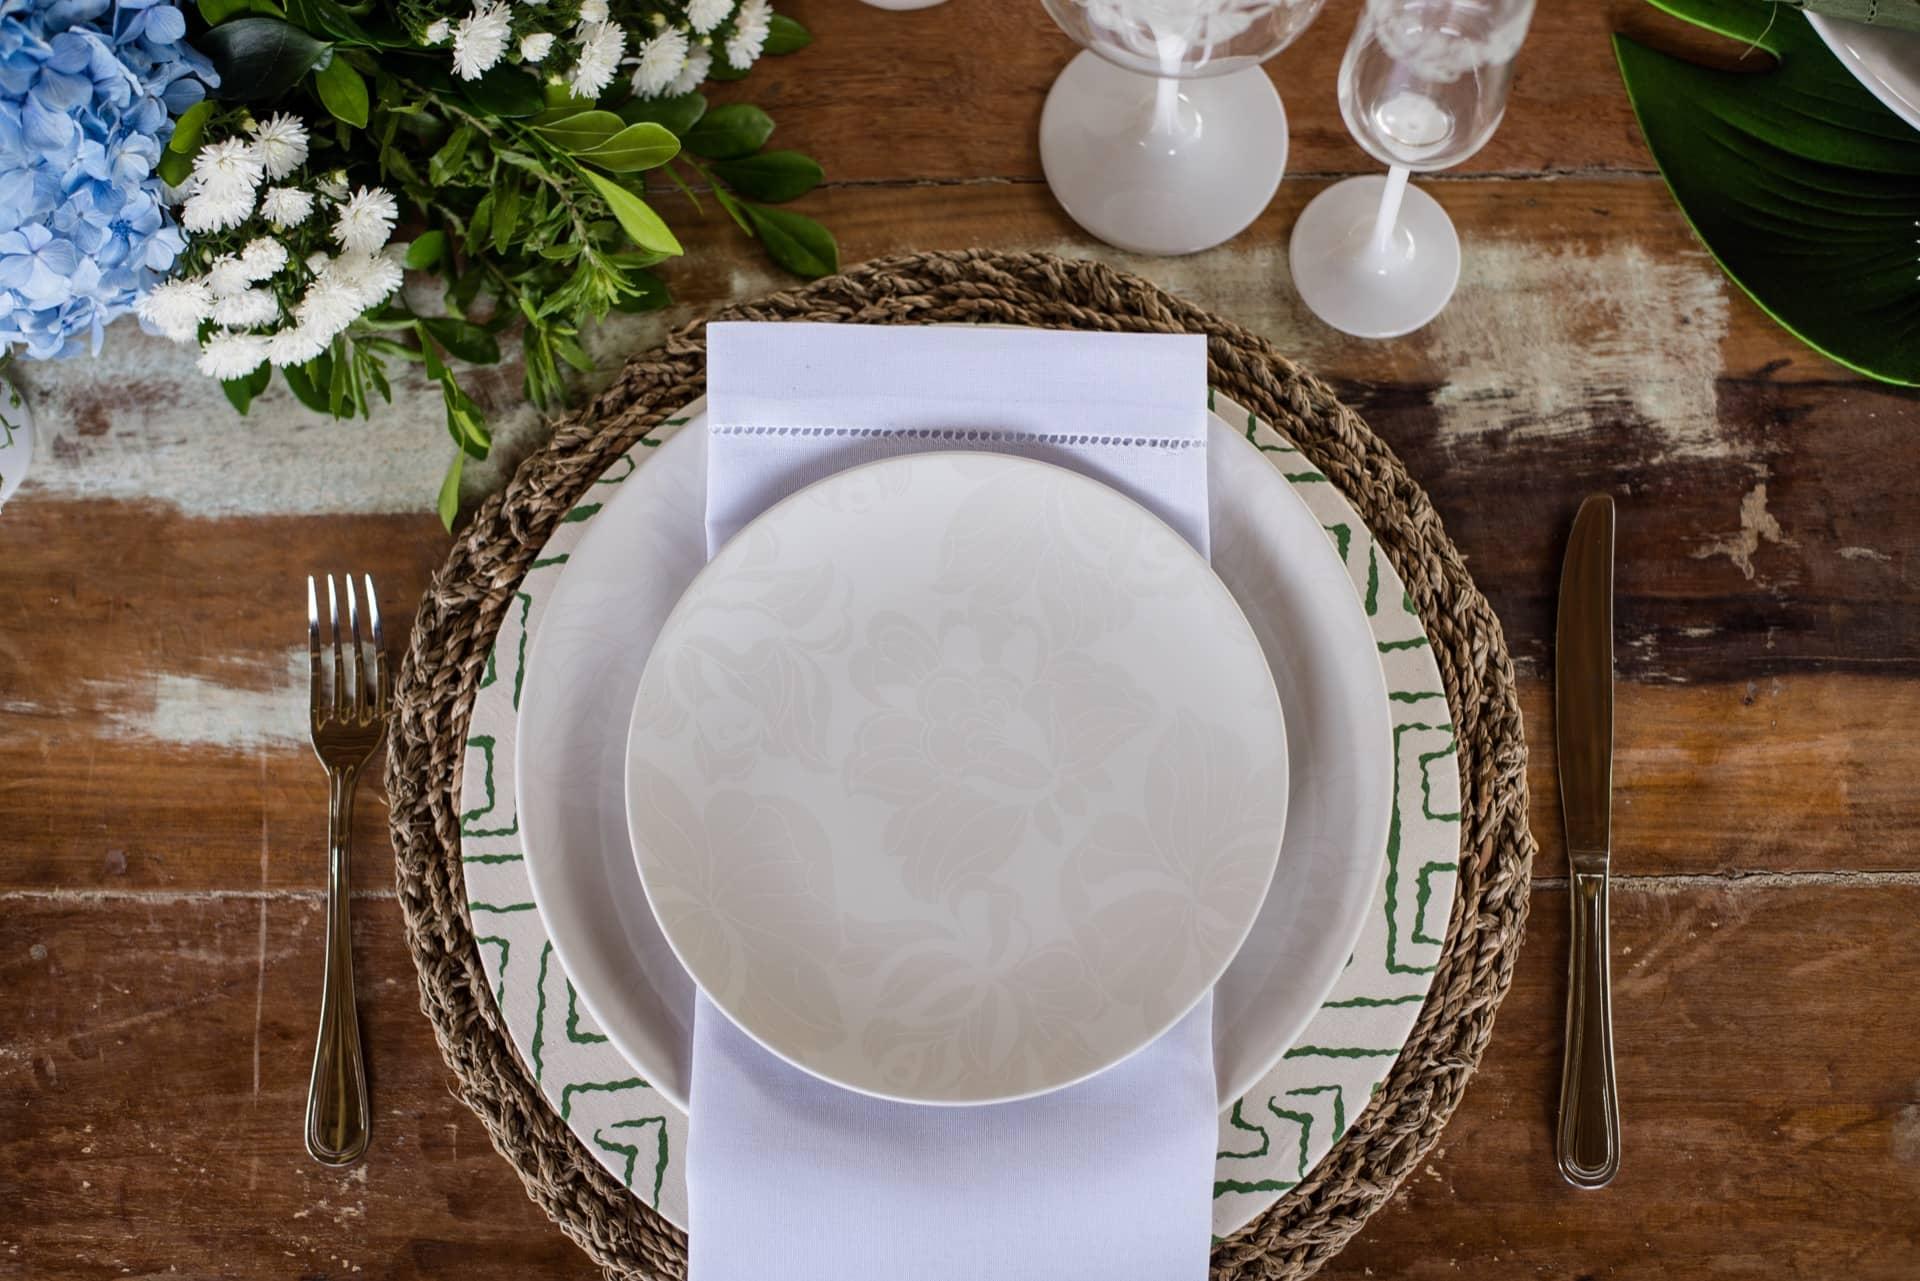 Imagem: Repare que os pratos de porcelana Coup Blanc, da Oxford, têm desenhos de rosas brancas sobre fundo branco. Um detalhe sutil e romântico que faz toda a diferença, seja num almoço de casamento, ou em momentos especiais do dia a dia. Foto: Karla Rudnick/Produção: Ateliê da Mesa